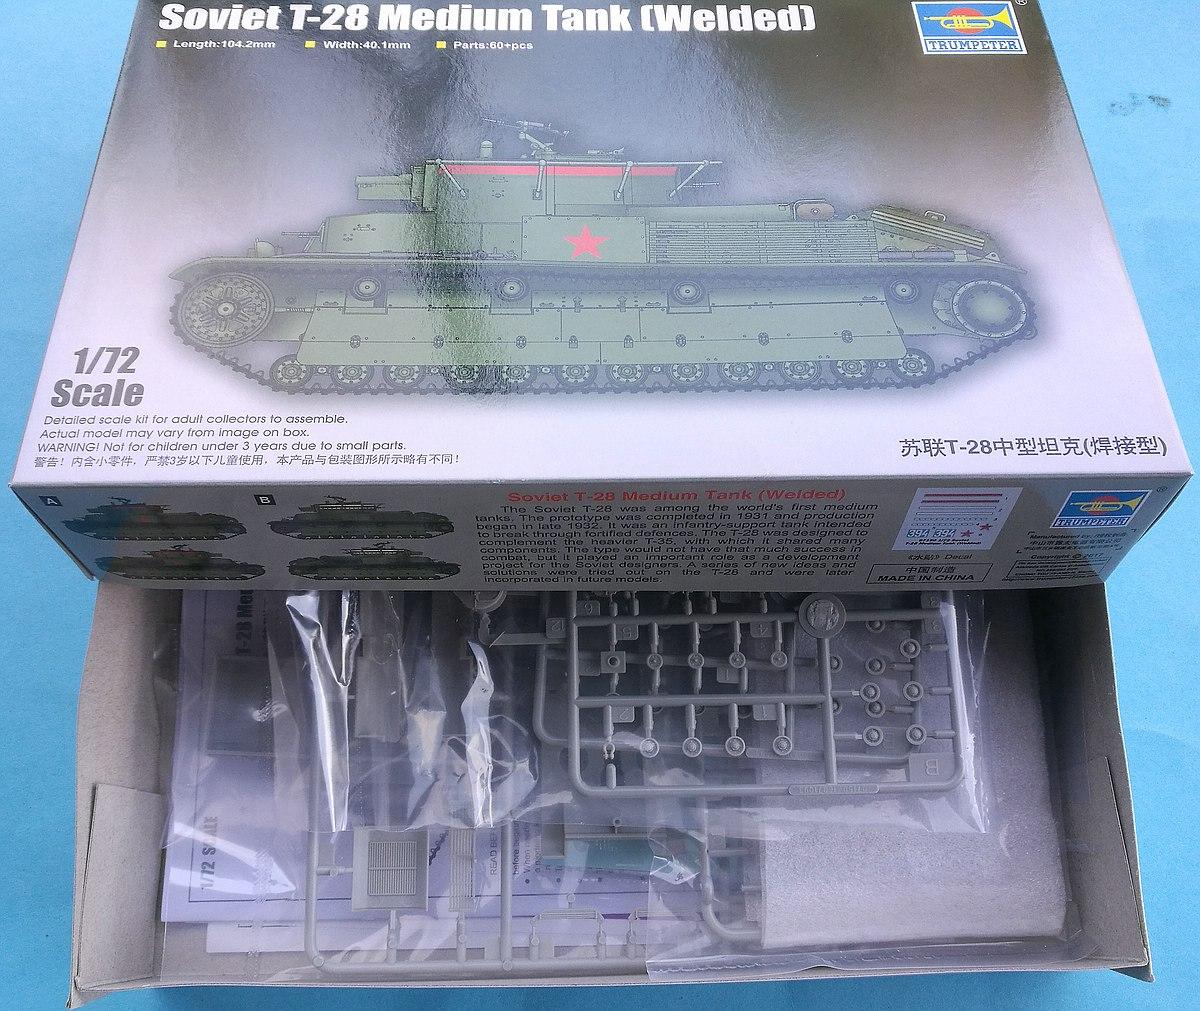 Trumpeter-07150-Soviet-T-28-Medium-Tank-Welded-9 Soviet T-28 Medium Tank (Welded) Trumpeter 07150